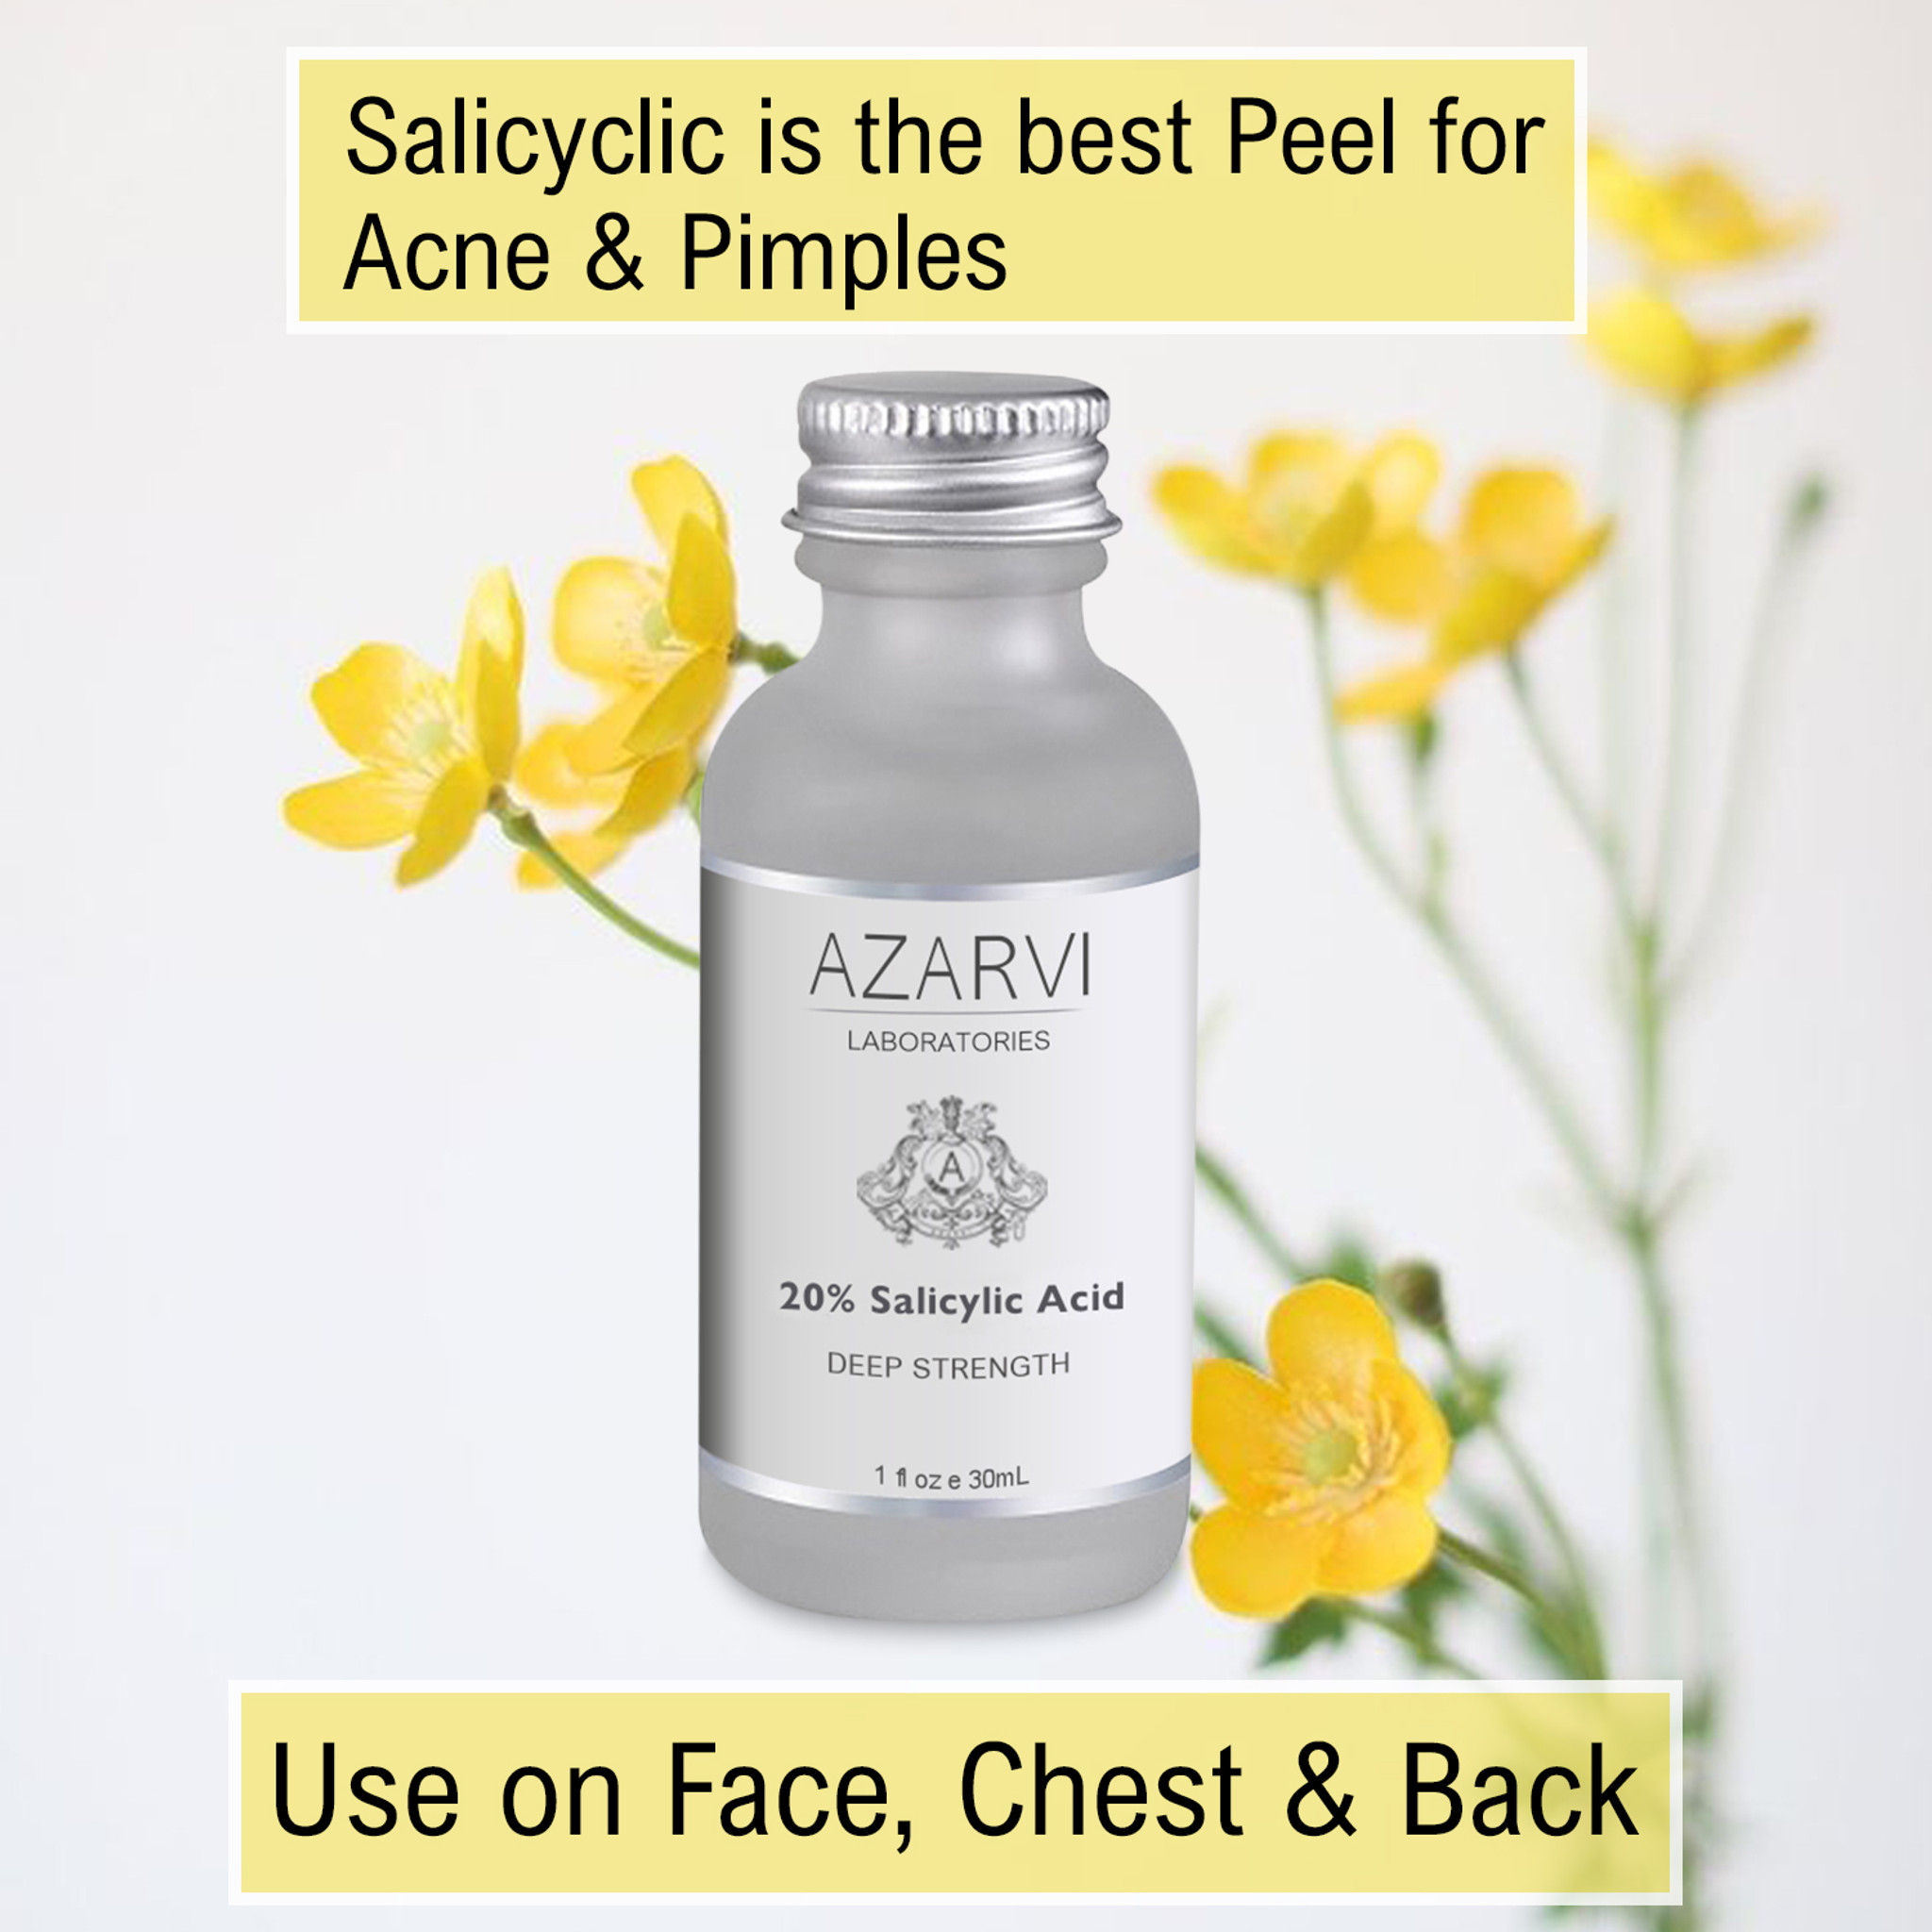 Azarvi 20% Salicylic Acid Peel with Neutralizer